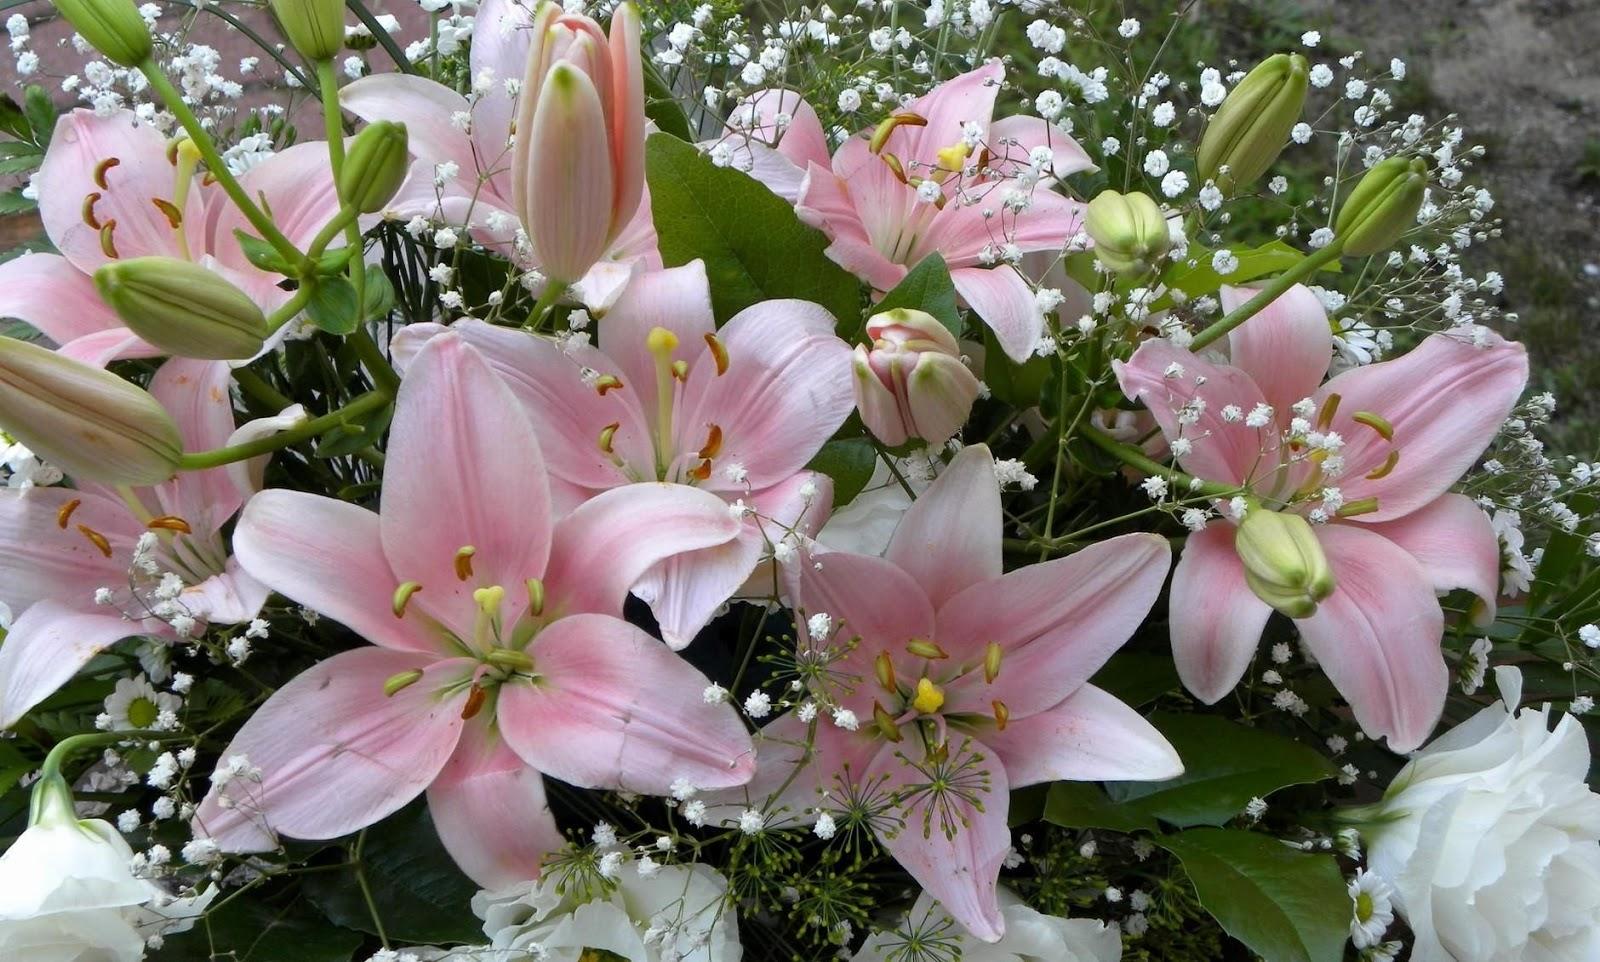 С днем рождения цветы лилии картинки